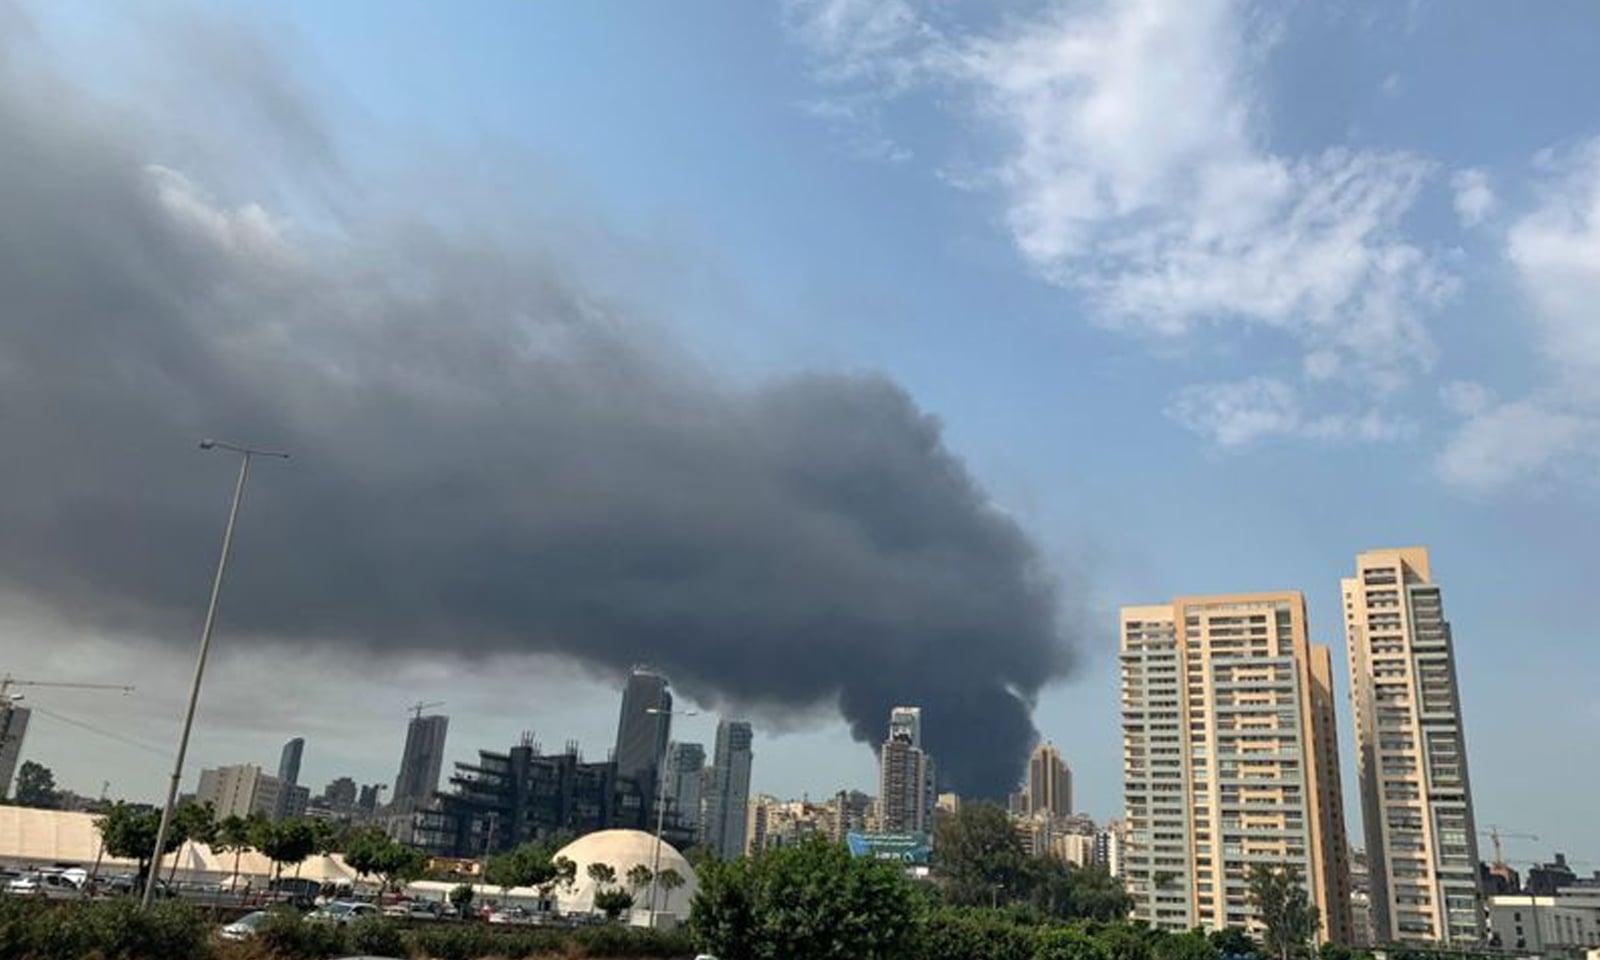 آتشزدگی کا واقعہ ایسے مقام پر پیش آیا جہاں تیل اور ٹائرز رکھے ہوئے تھے —فوٹو:اے ایف پی